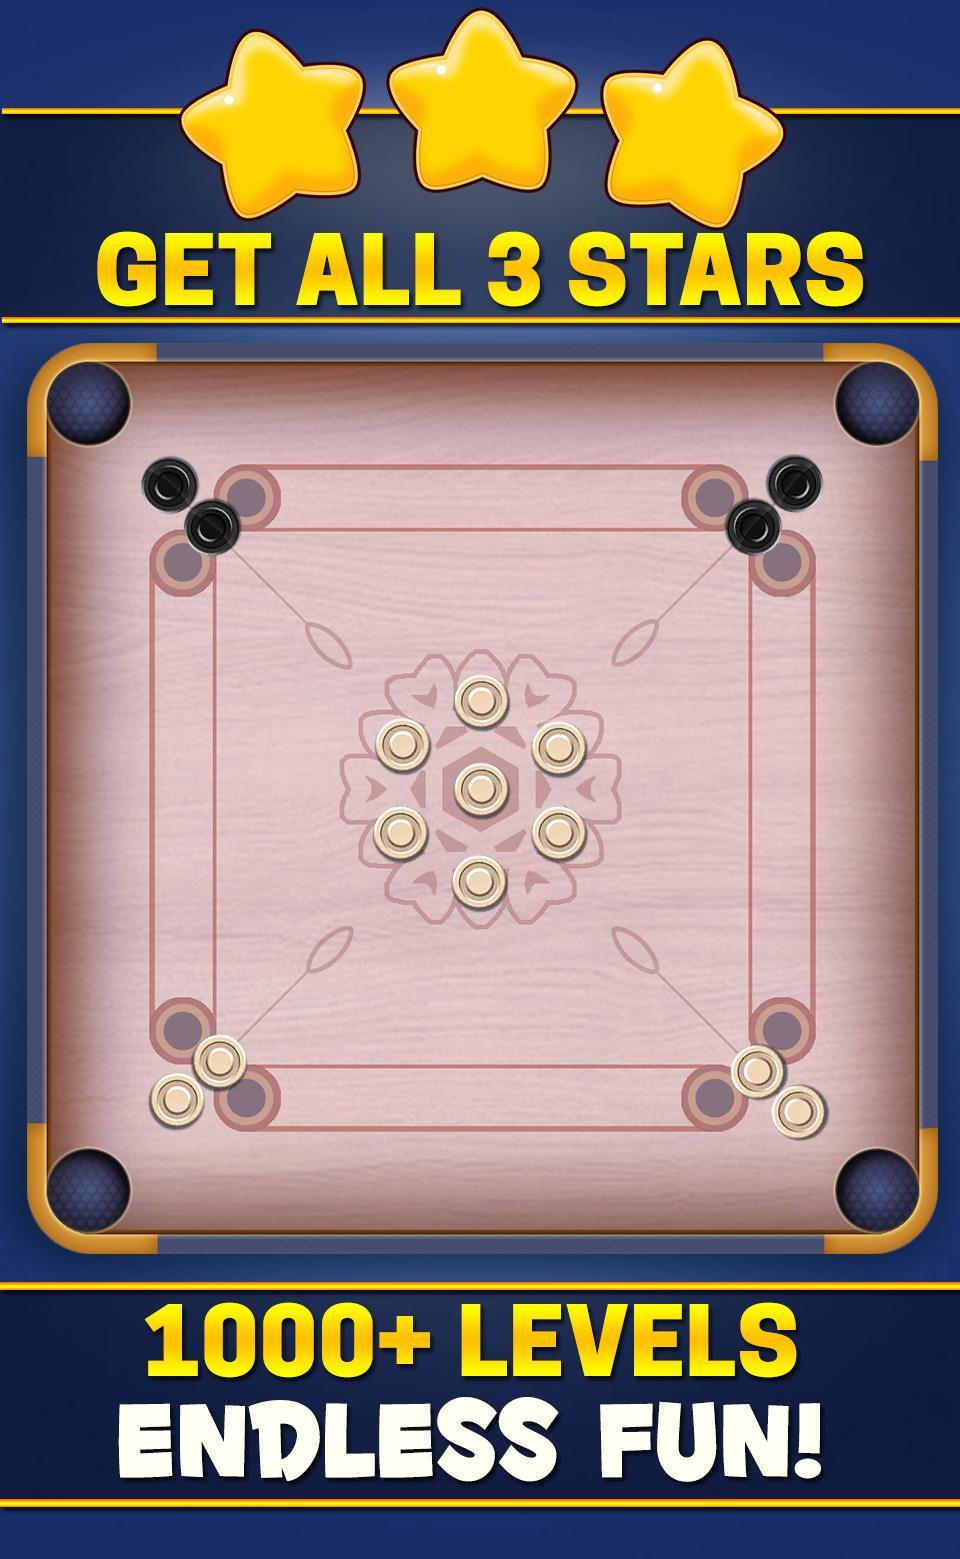 Carrom Club Online : Carrom Board Disc Pool Game 10.3.7 Screenshot 2